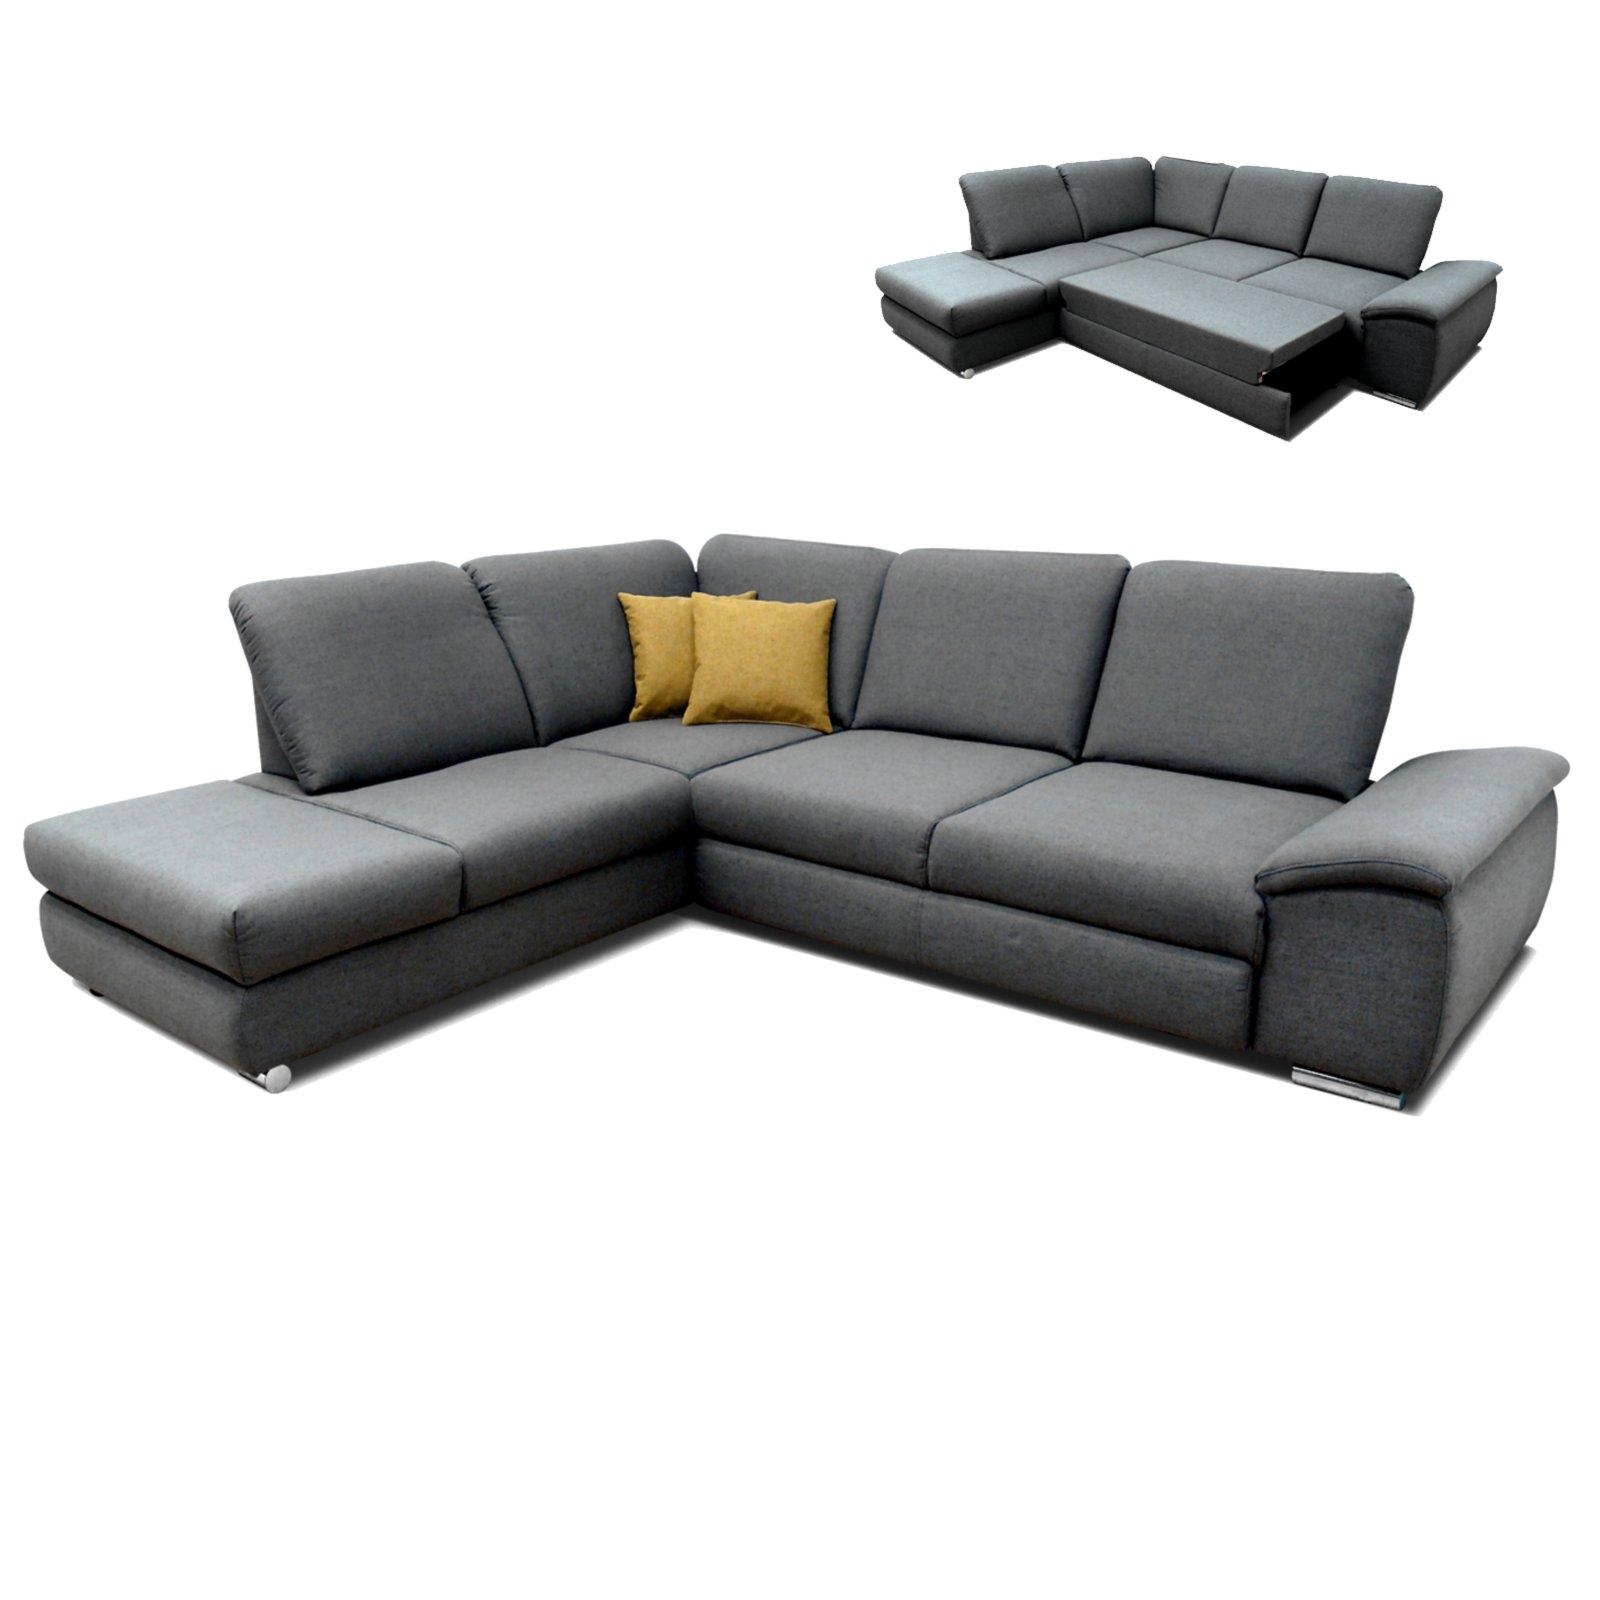 polsterecke grau braun sitztiefenverstellung liegefunktion rechts ecksofas l form. Black Bedroom Furniture Sets. Home Design Ideas